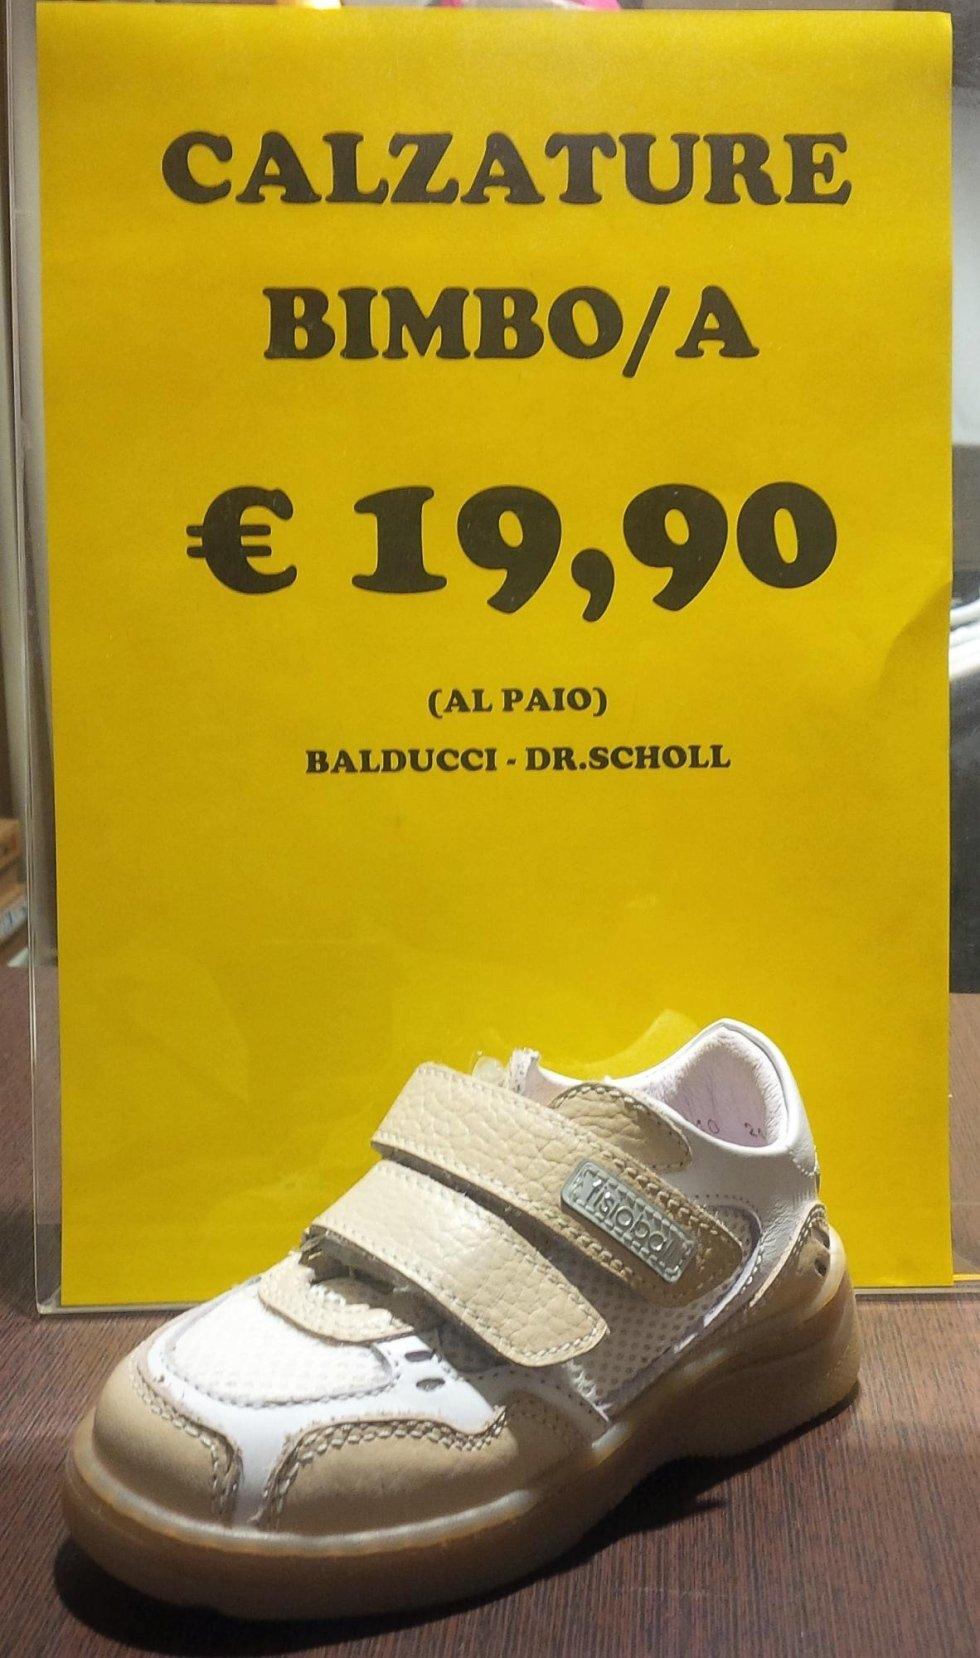 calzature bimbo/a